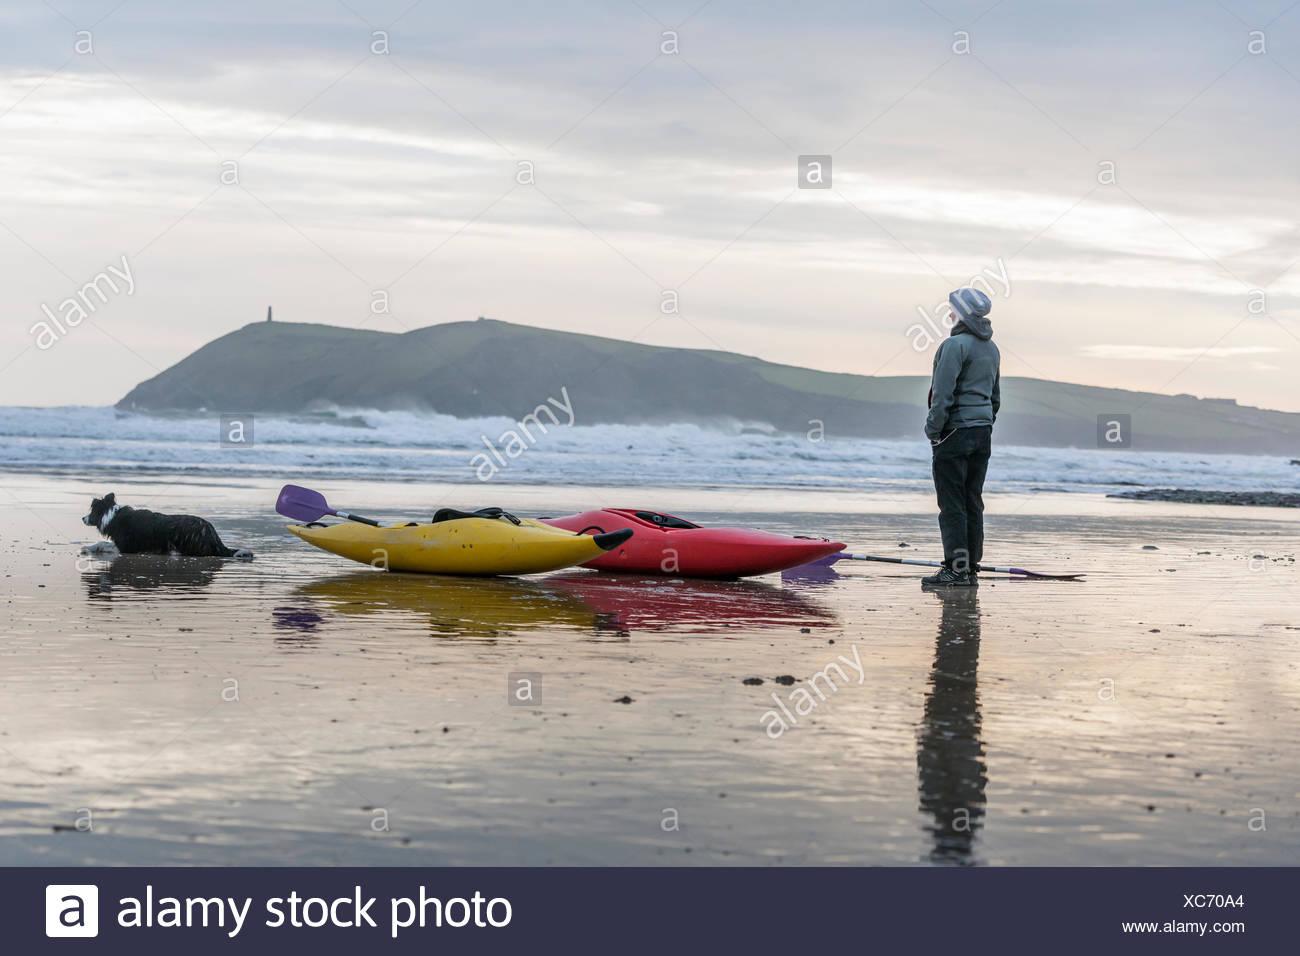 Young woman on beach with sea kayaks, Polzeath, Cornwall, England - Stock Image